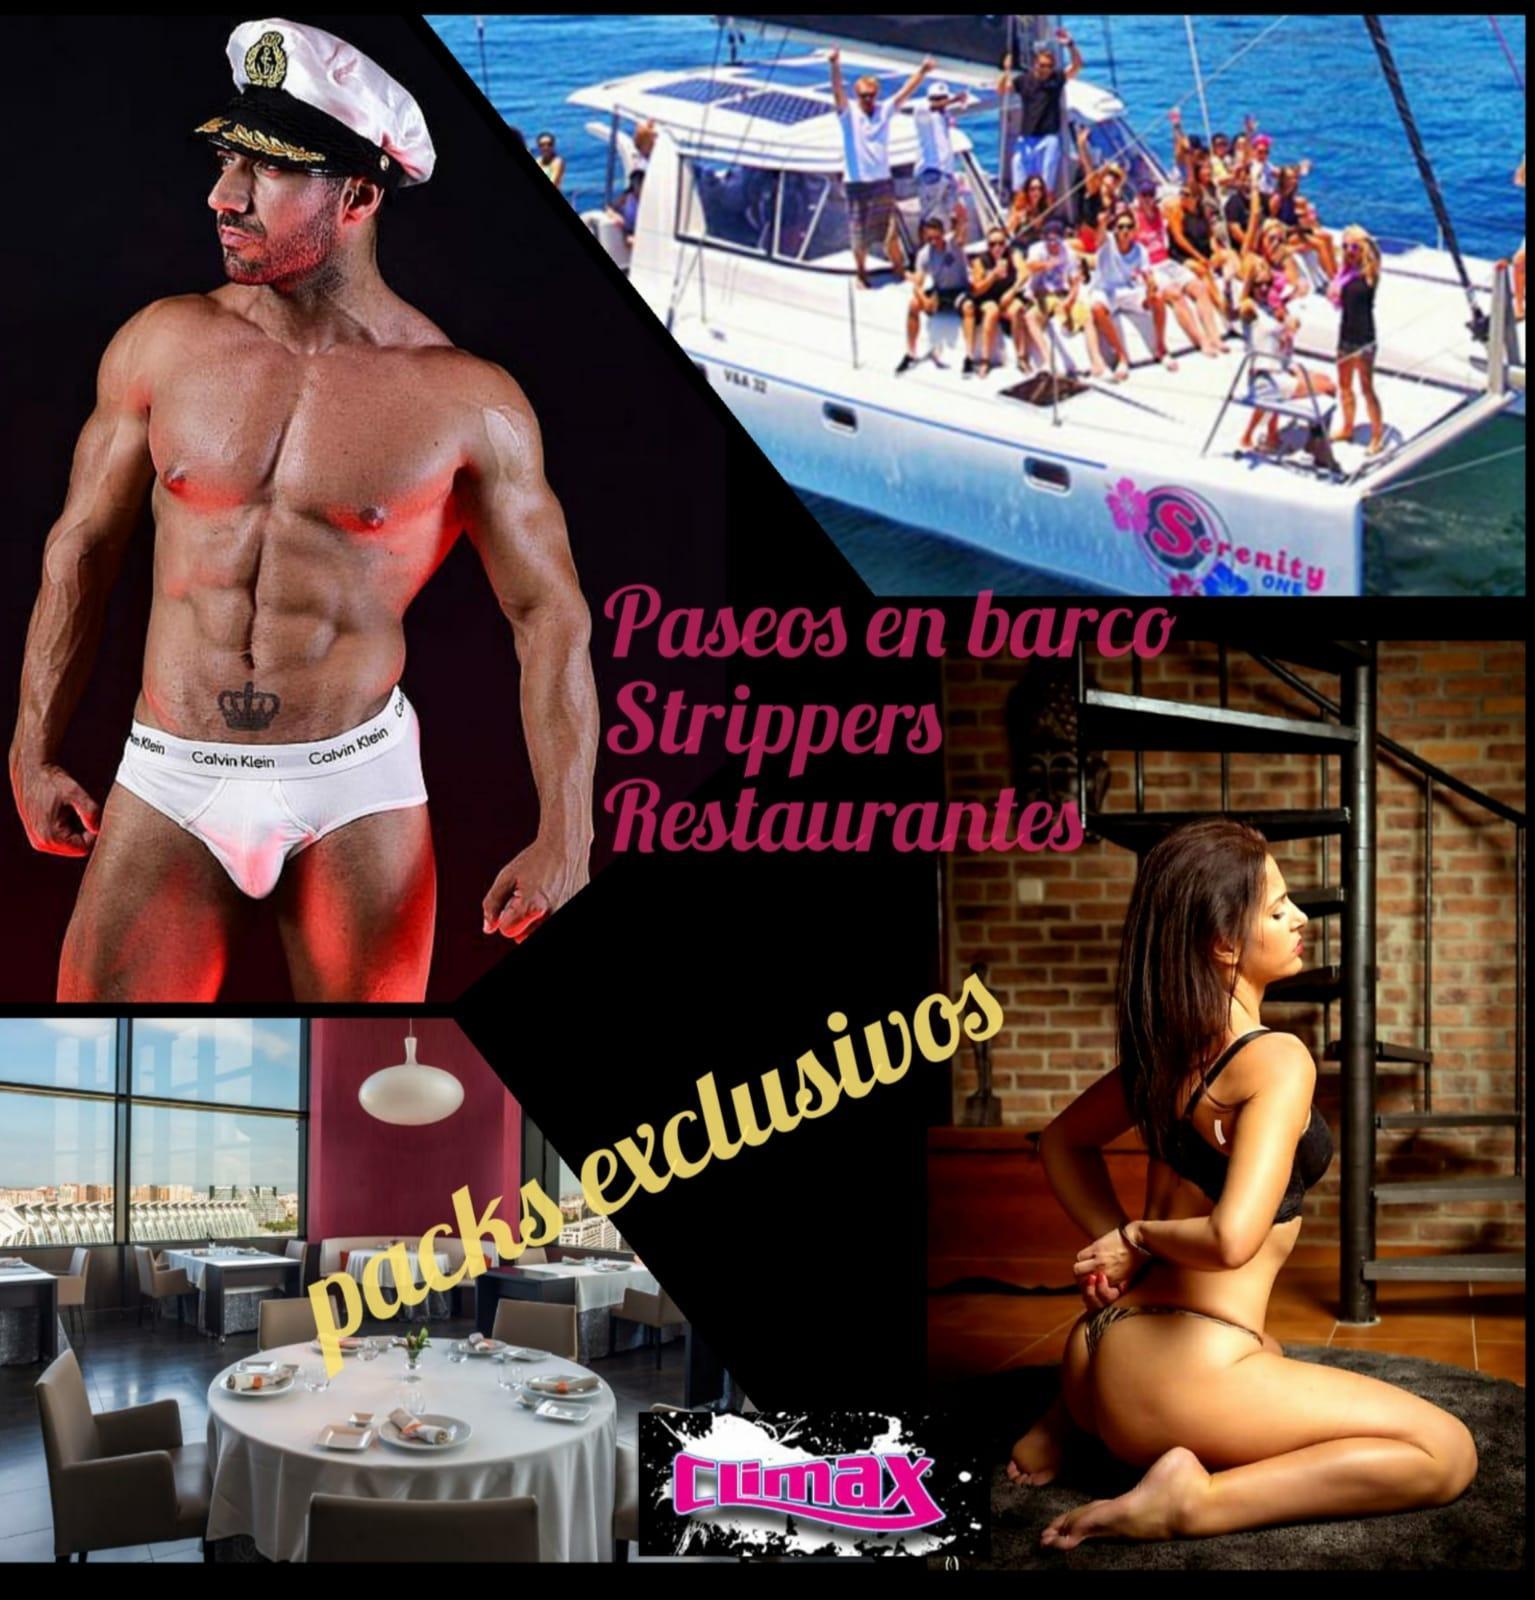 Paseos en barco, Strippers, Restaurantes